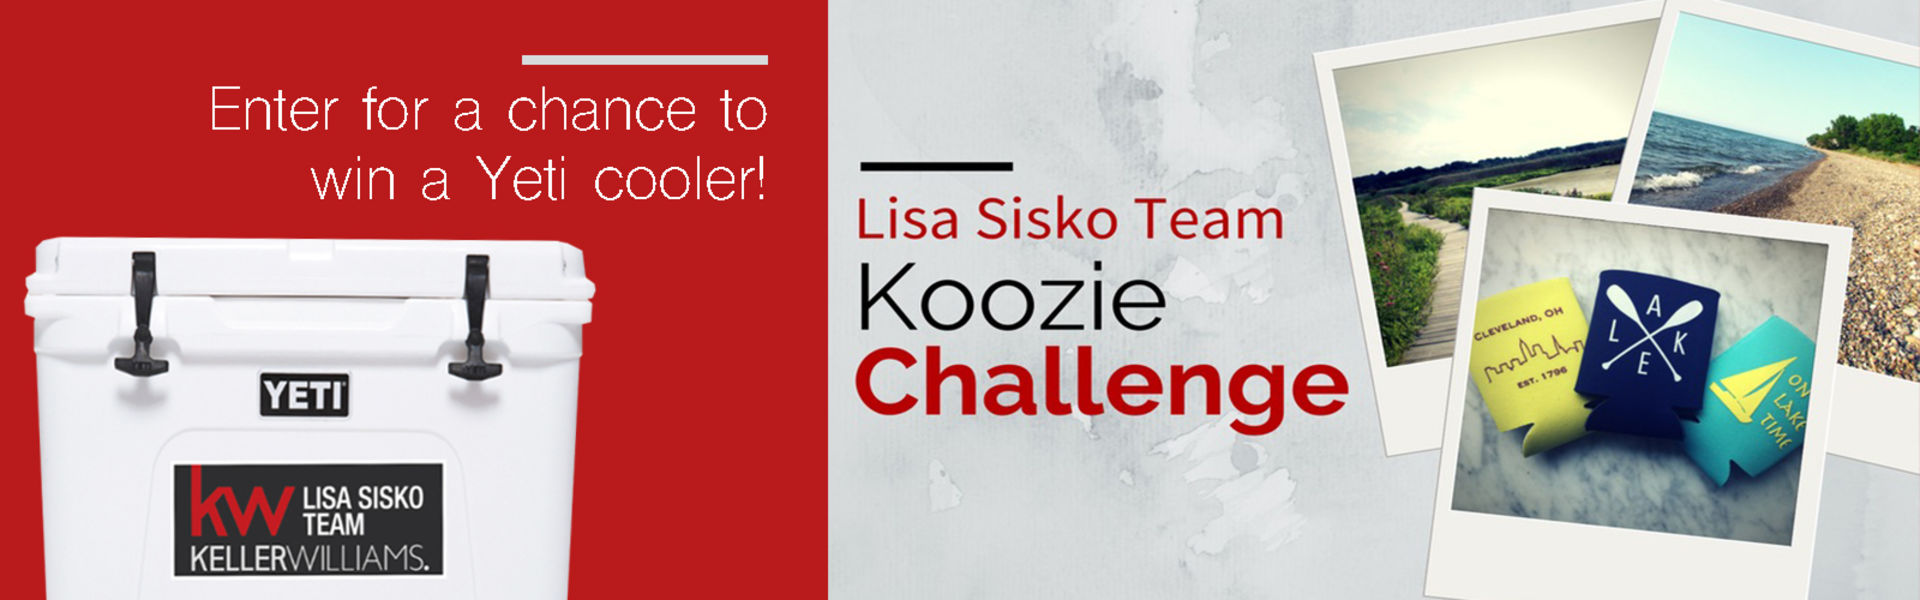 Lisa Sisko Team Koozie Challenge